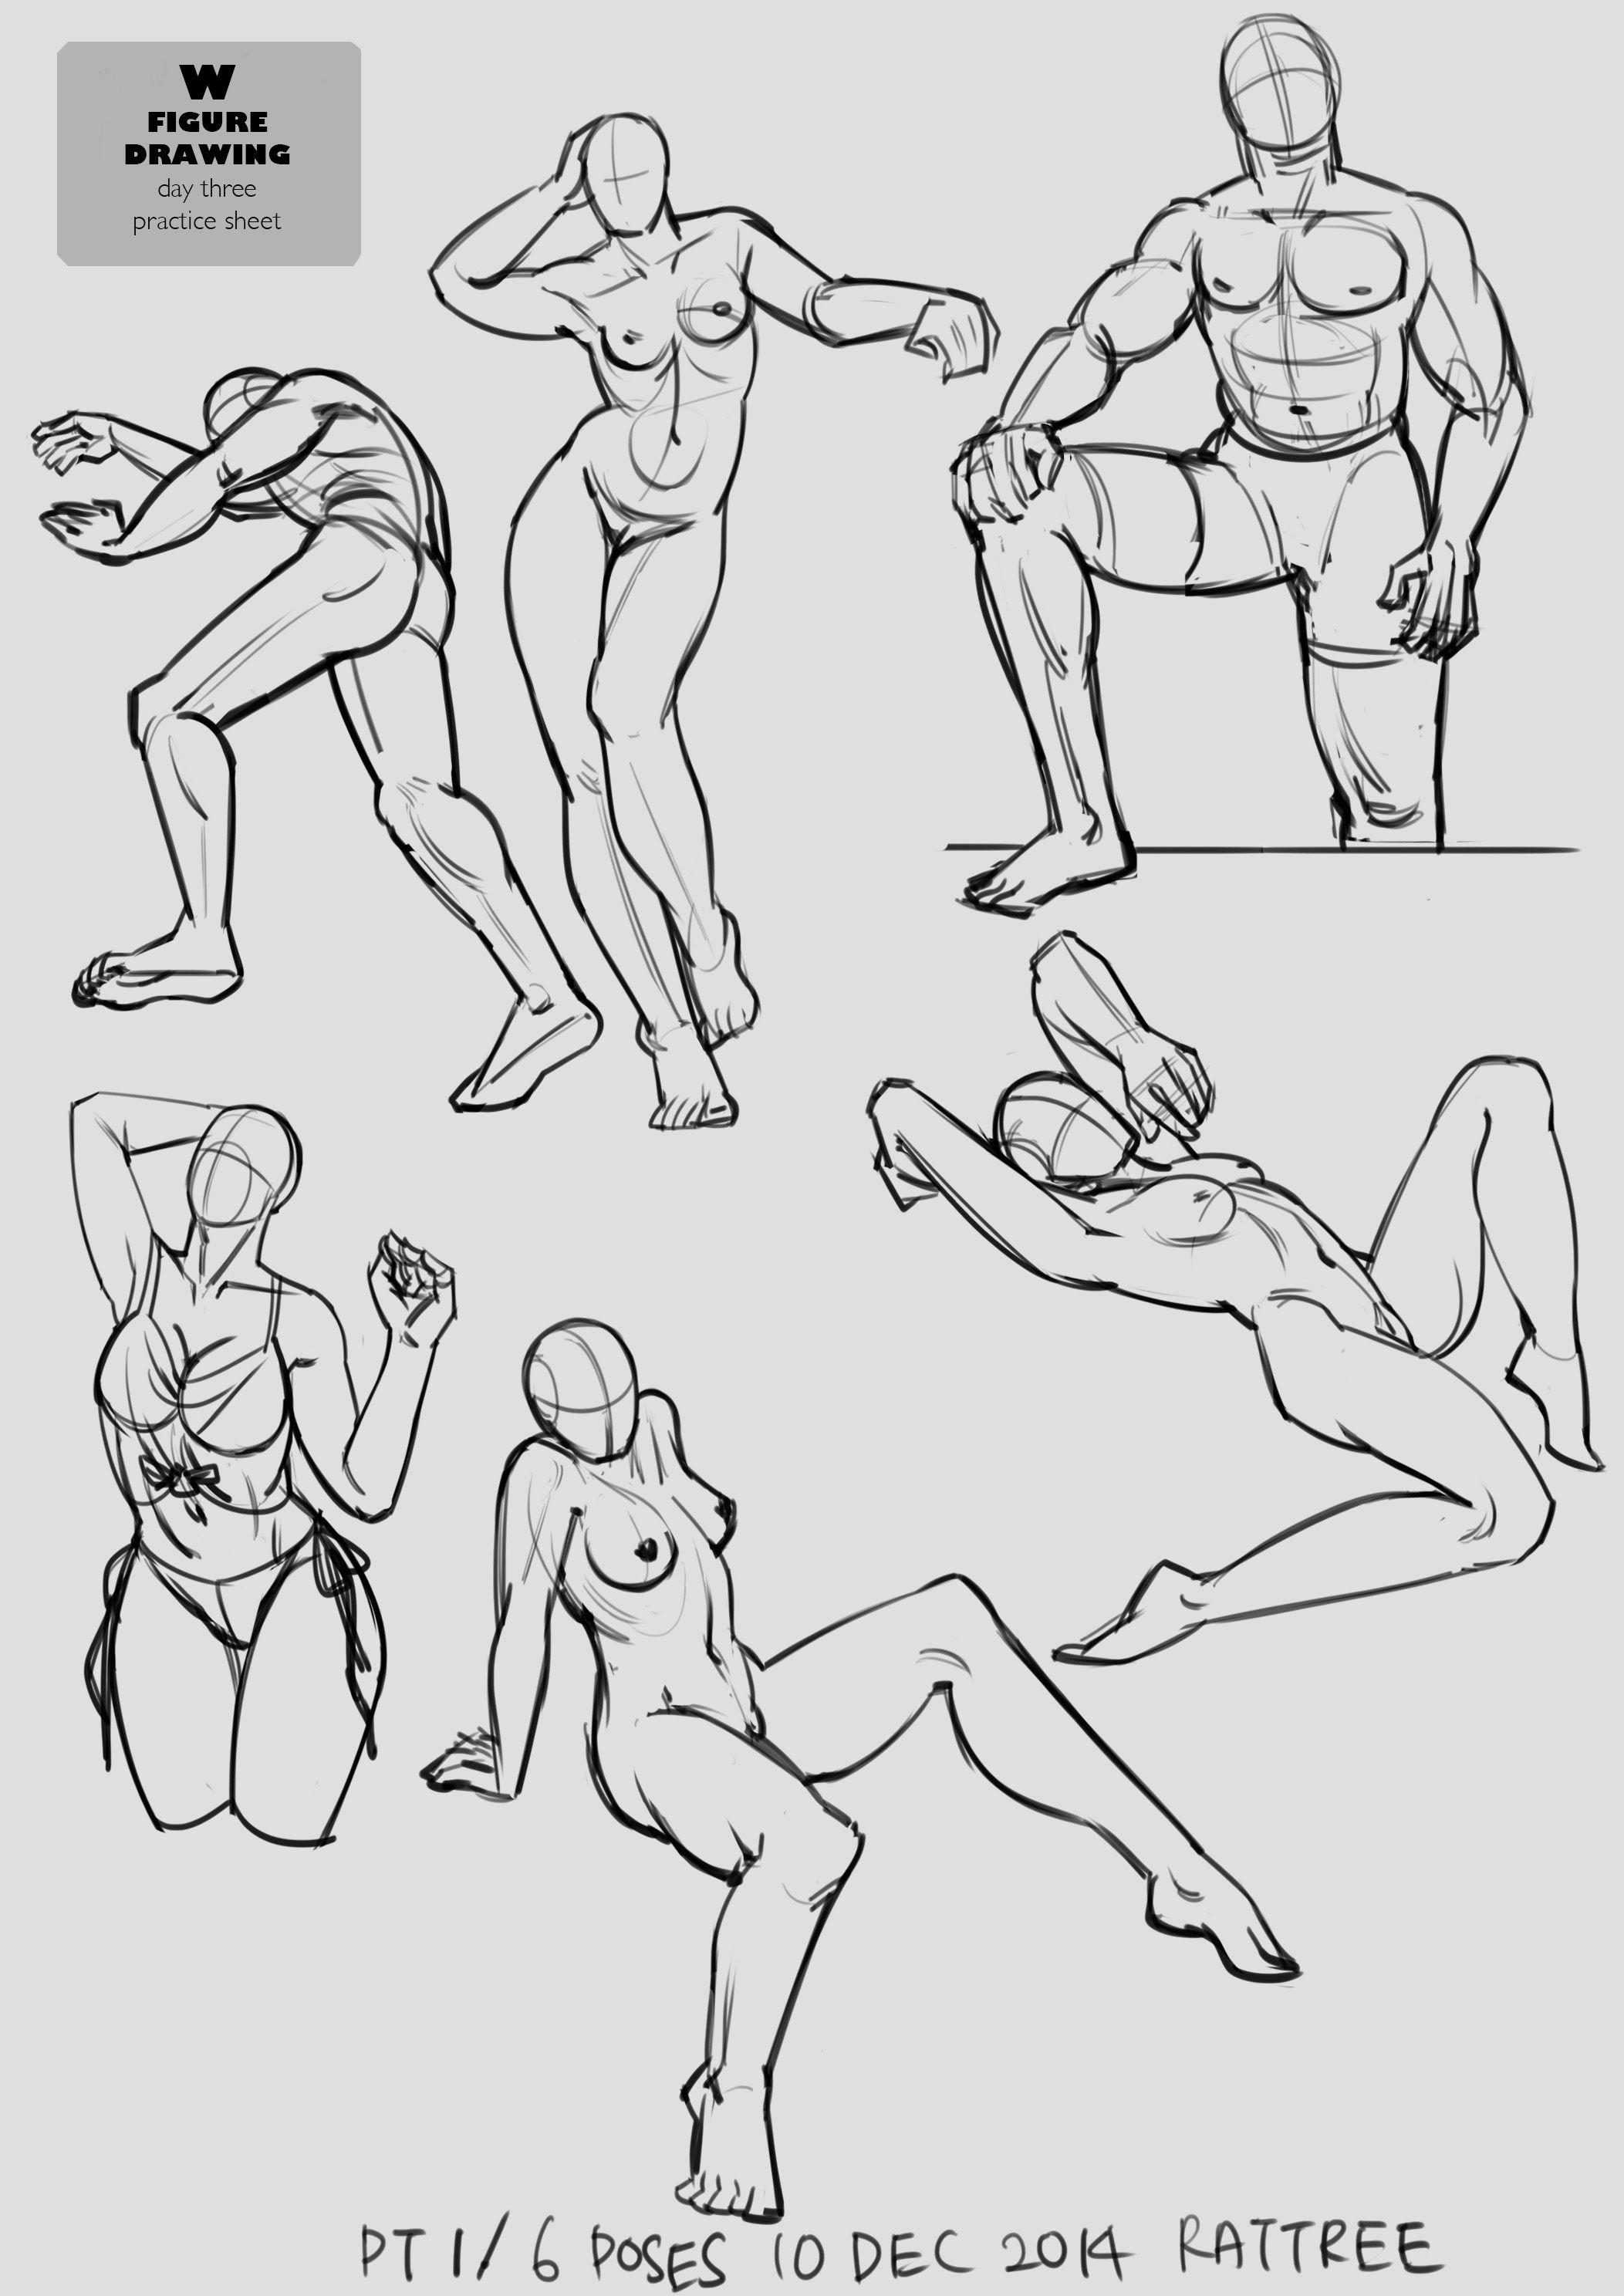 figuredrawing #art #anatomy #female #male #poses #sketch #studies ...